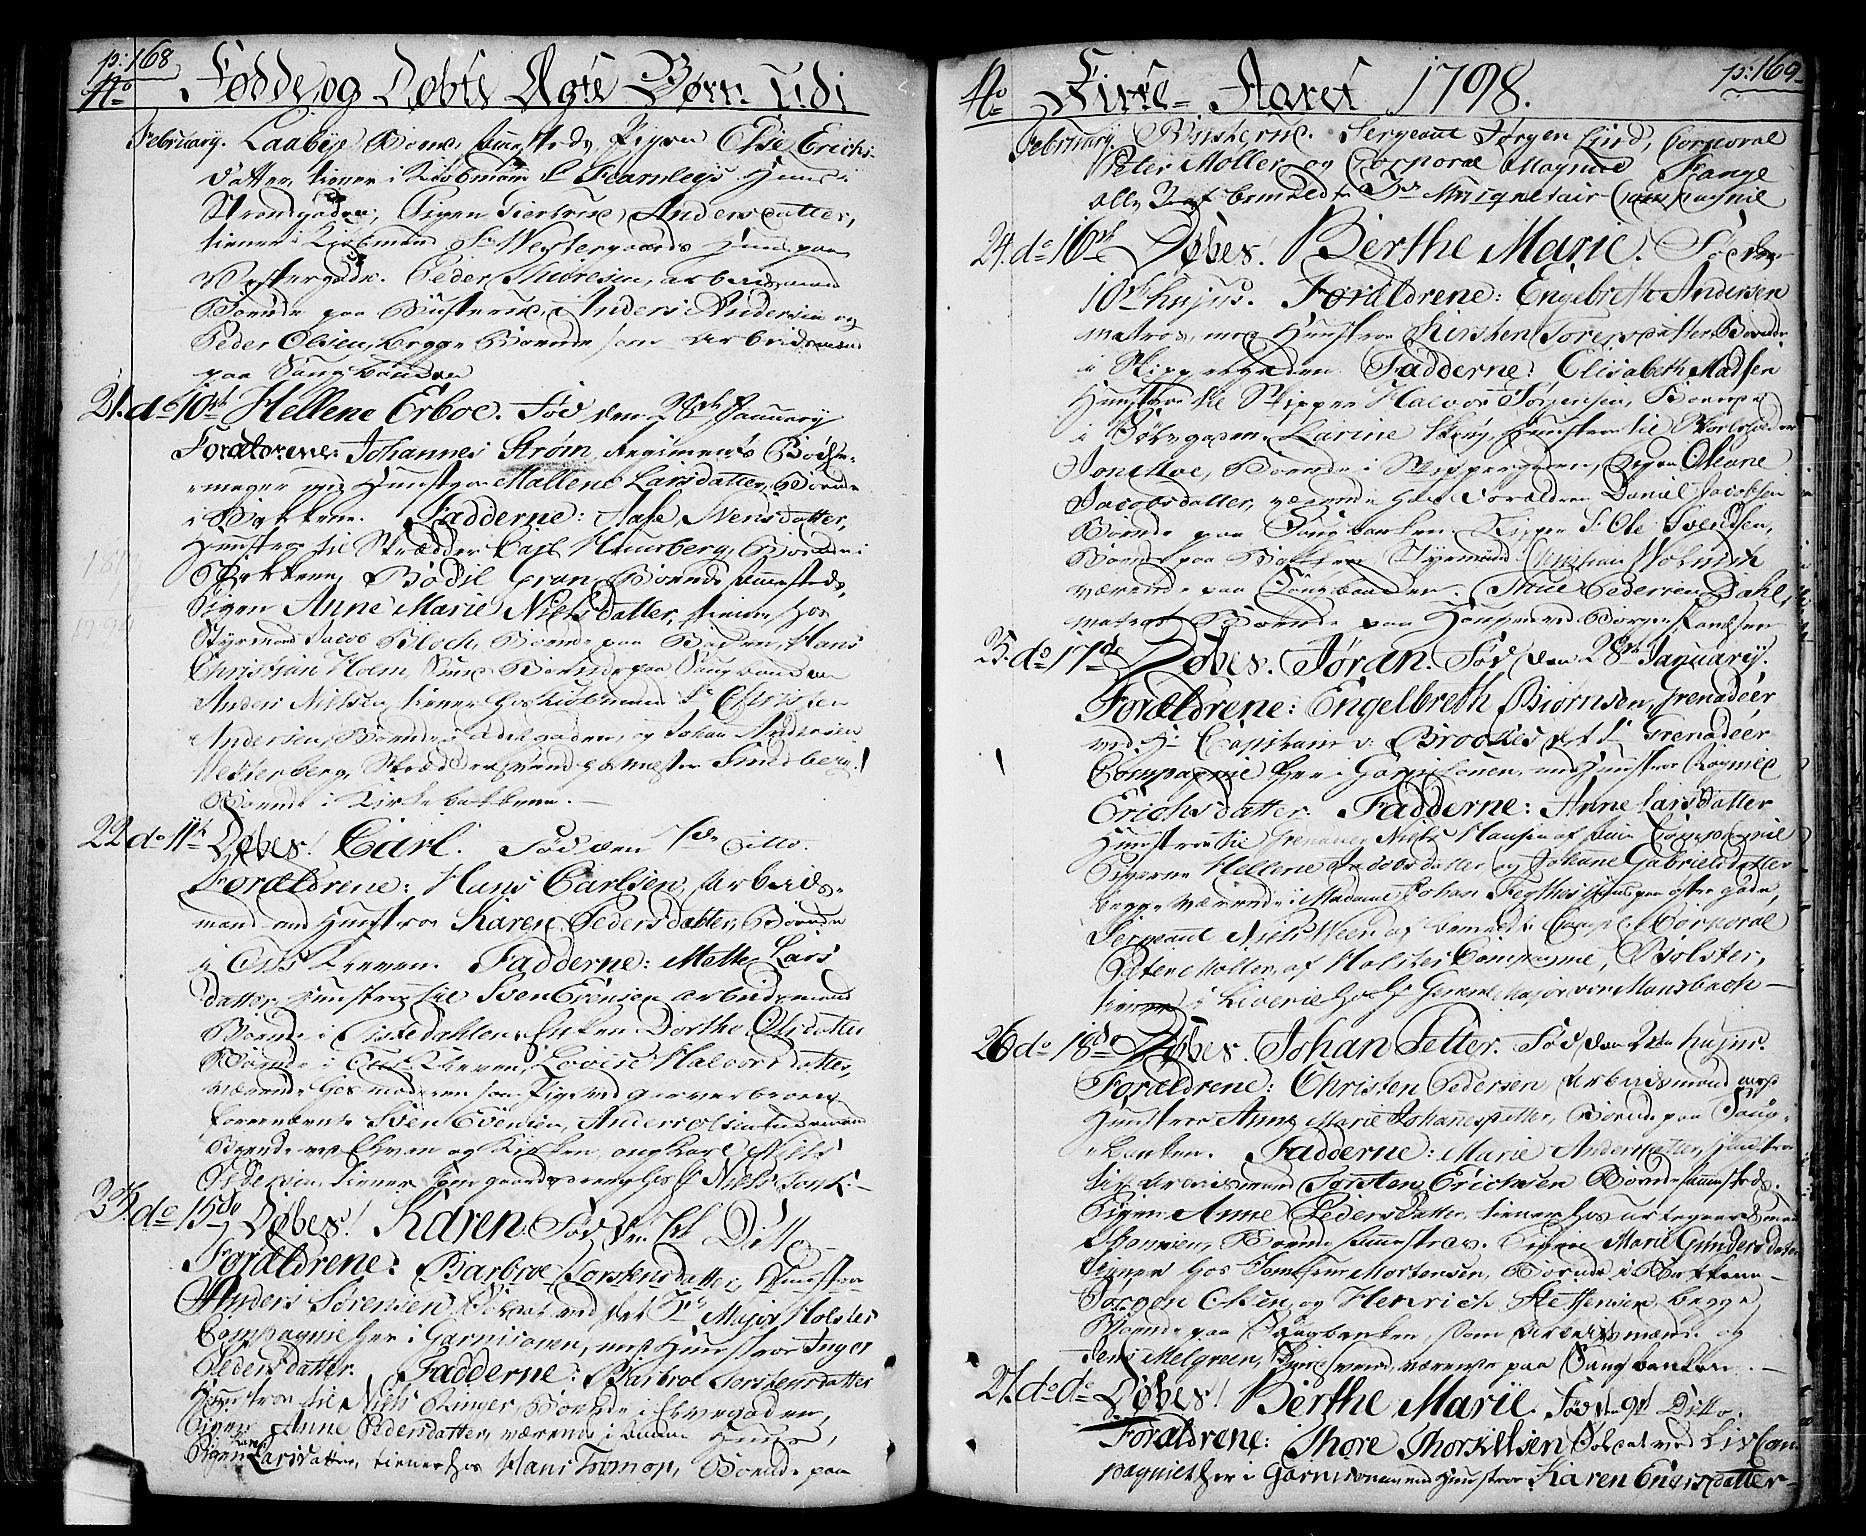 SAO, Halden prestekontor Kirkebøker, F/Fa/L0002: Ministerialbok nr. I 2, 1792-1812, s. 168-169